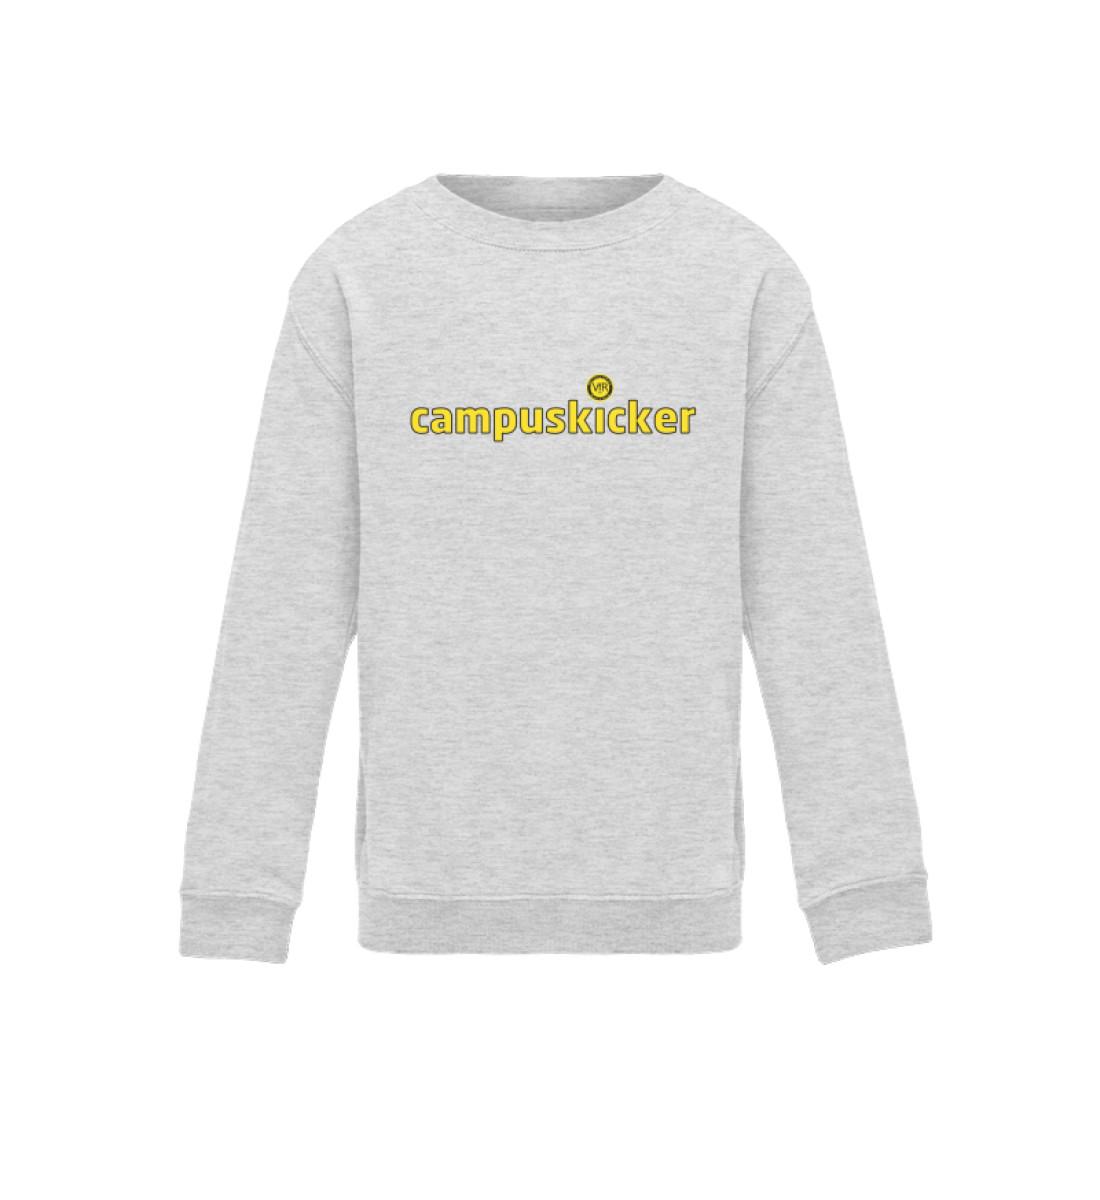 Campuskicker - Kinder Sweatshirt-6892